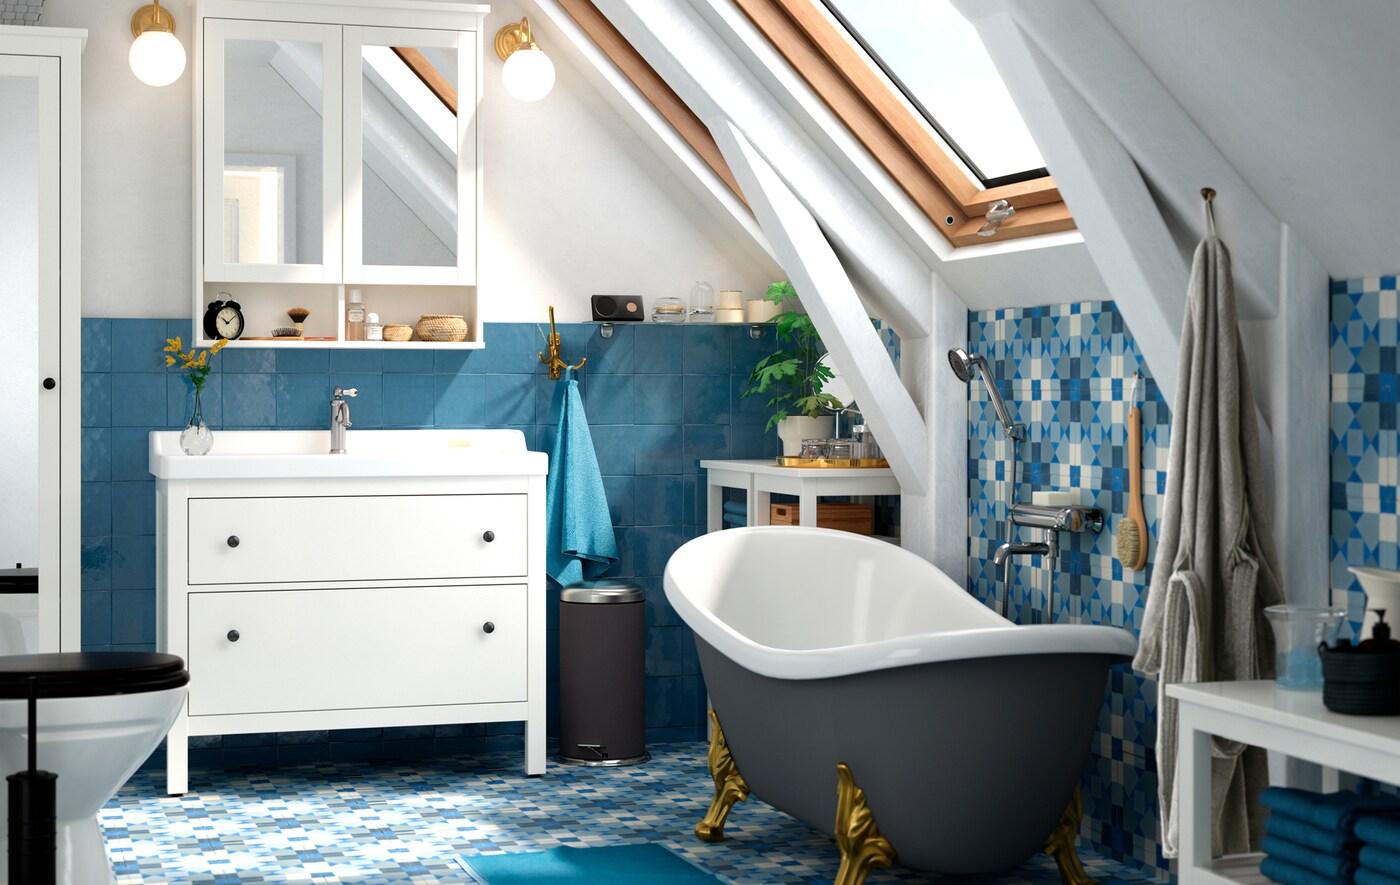 Baignoire sur pieds, meuble-lavabo blanc et armoire-pharmacie à portes miroir dans une salle de bains à céramique bleue au mur et au plancher.